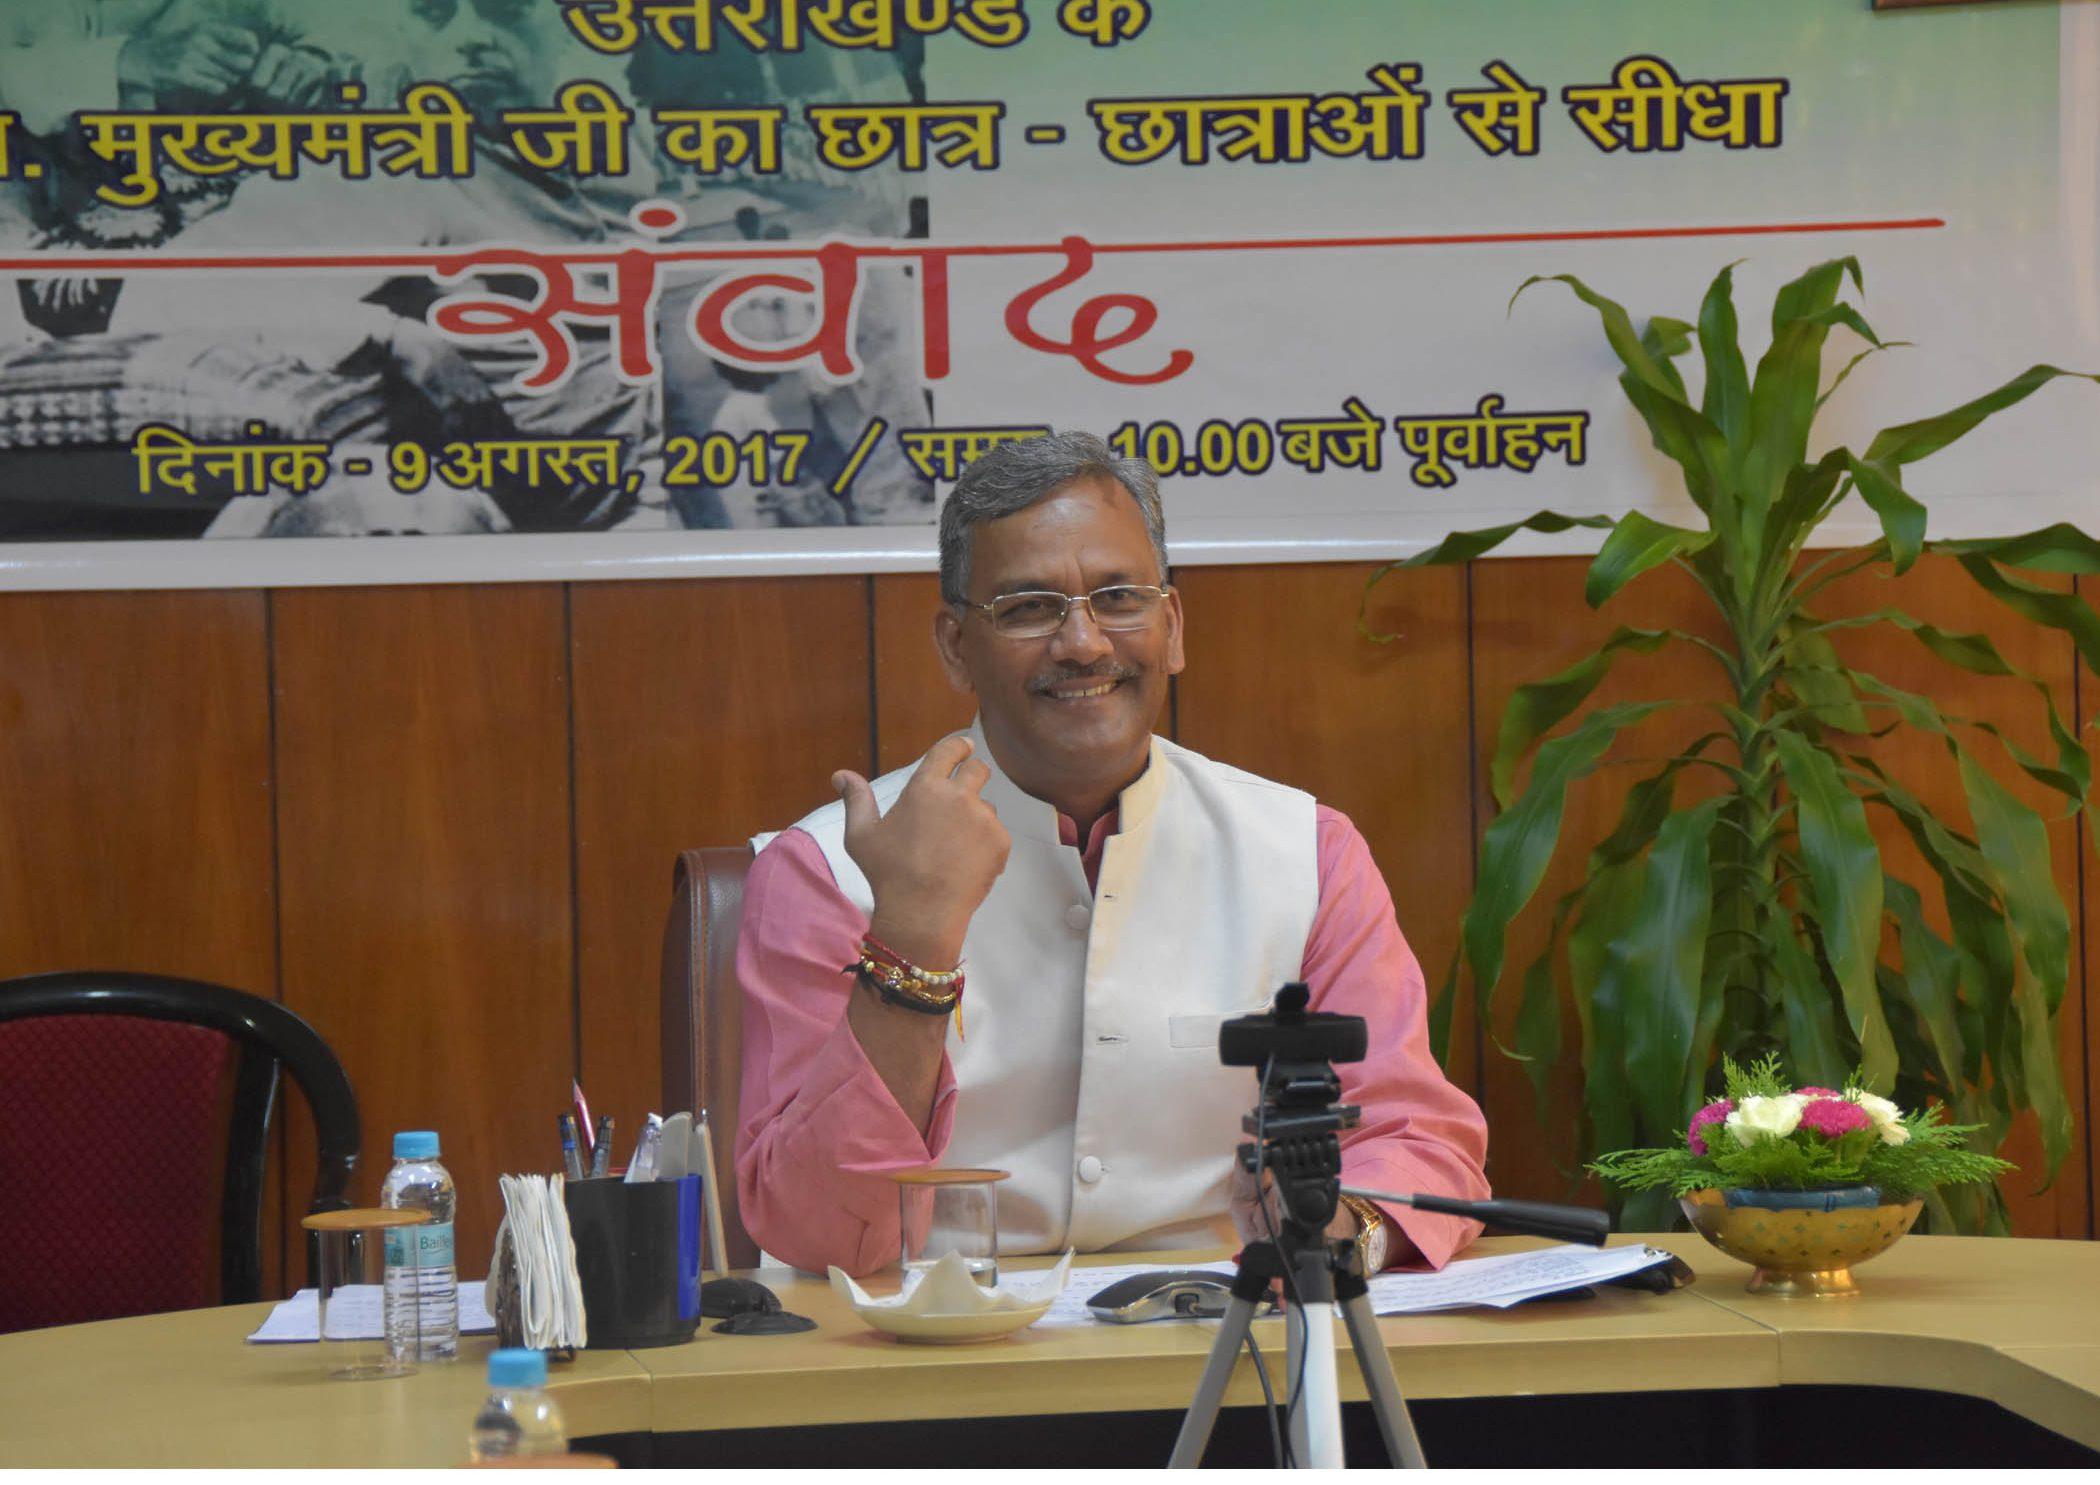 Ujala Mitr Yojana Uttarakhand